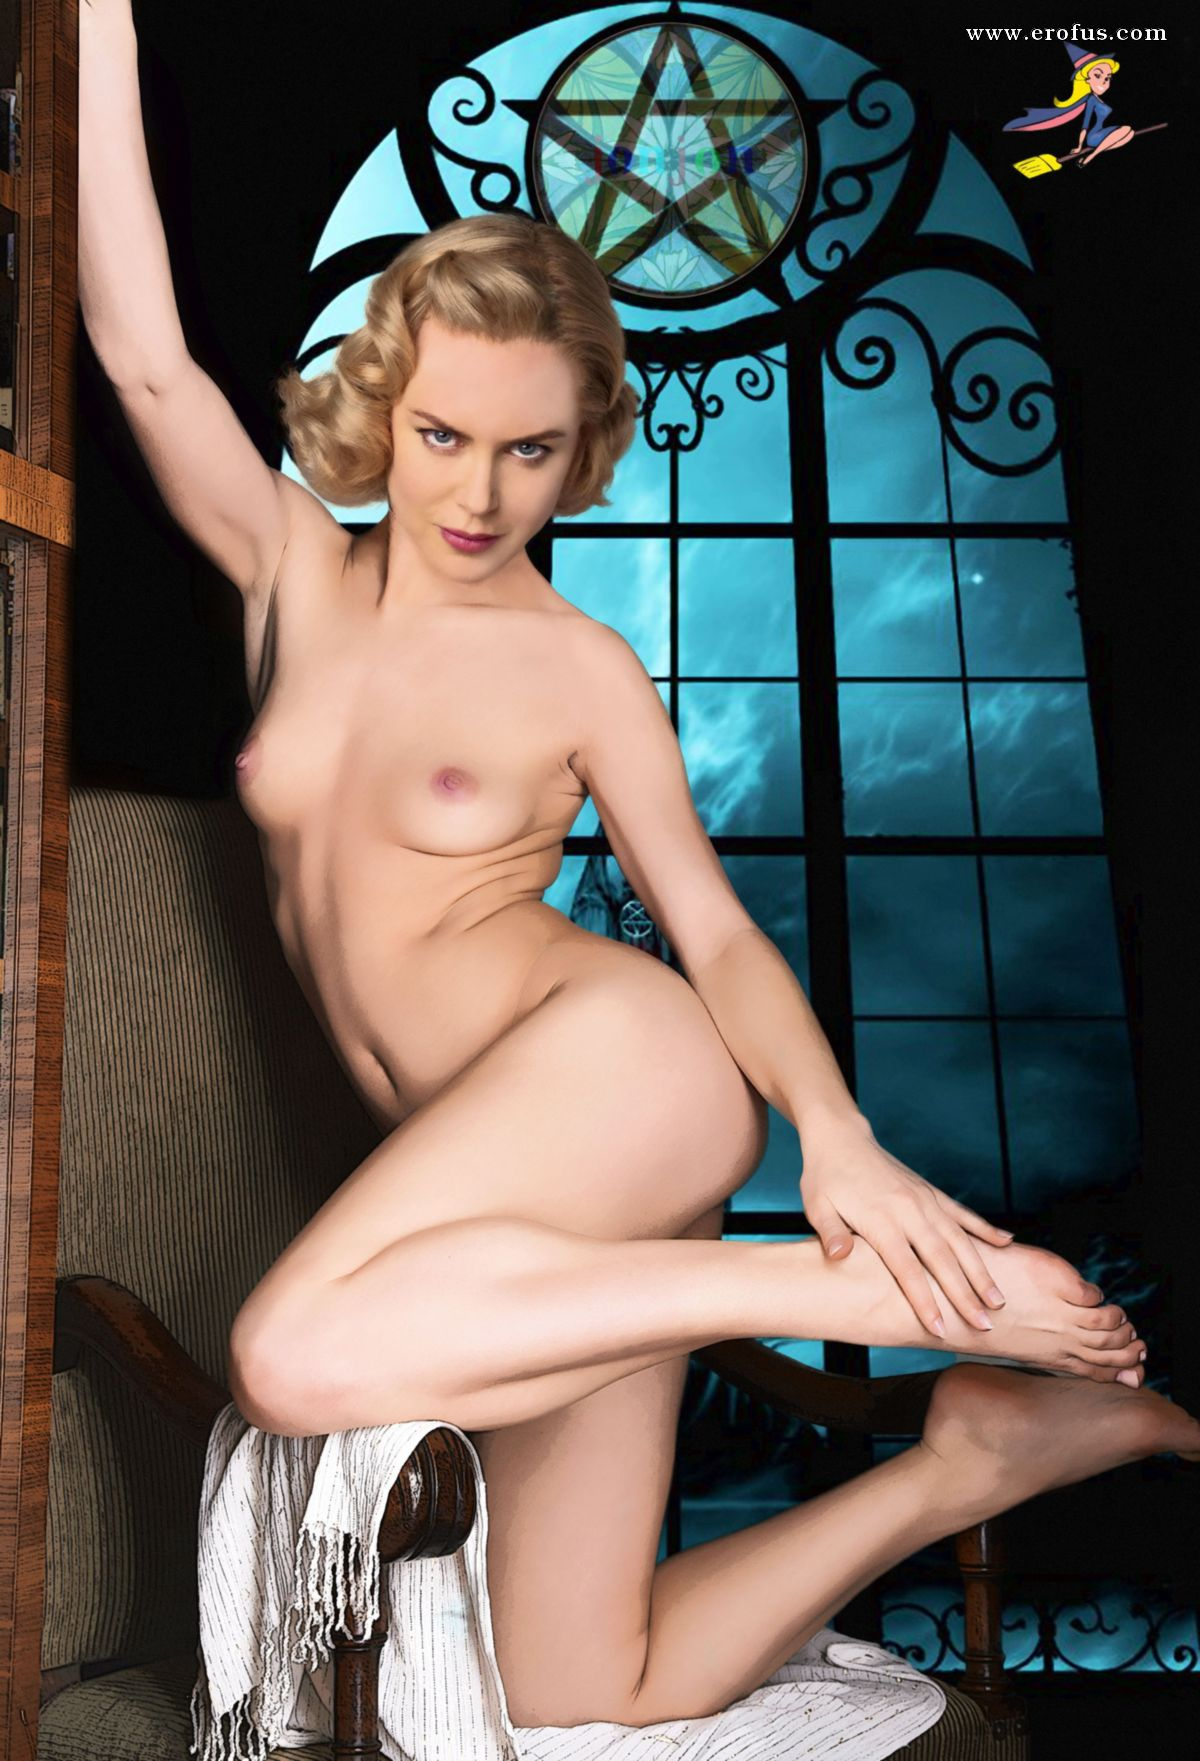 Nichole Kidman Nude Pics